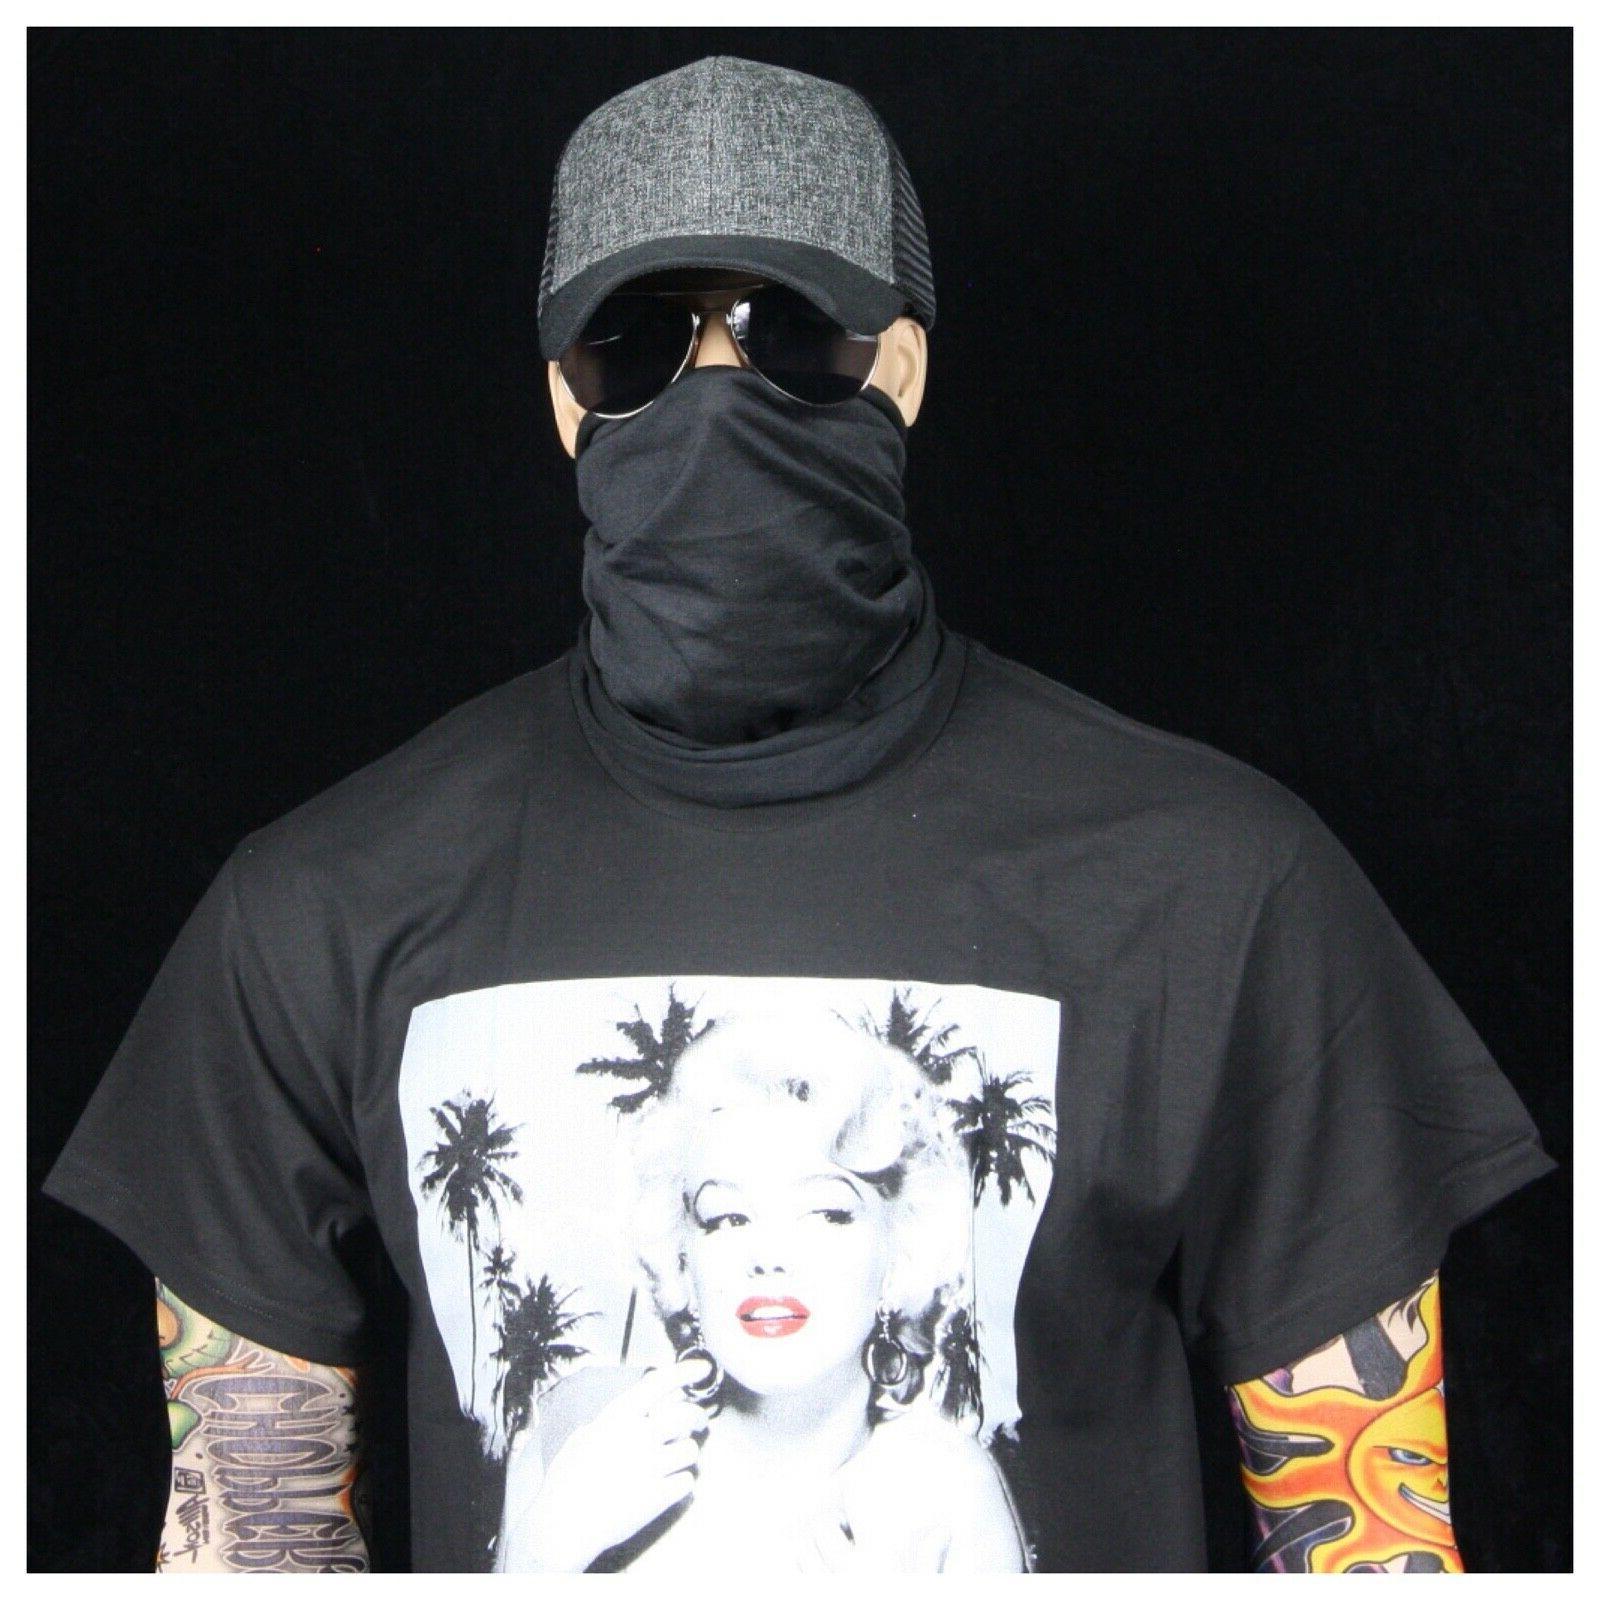 face mask tube bandana neck gaiter headwear